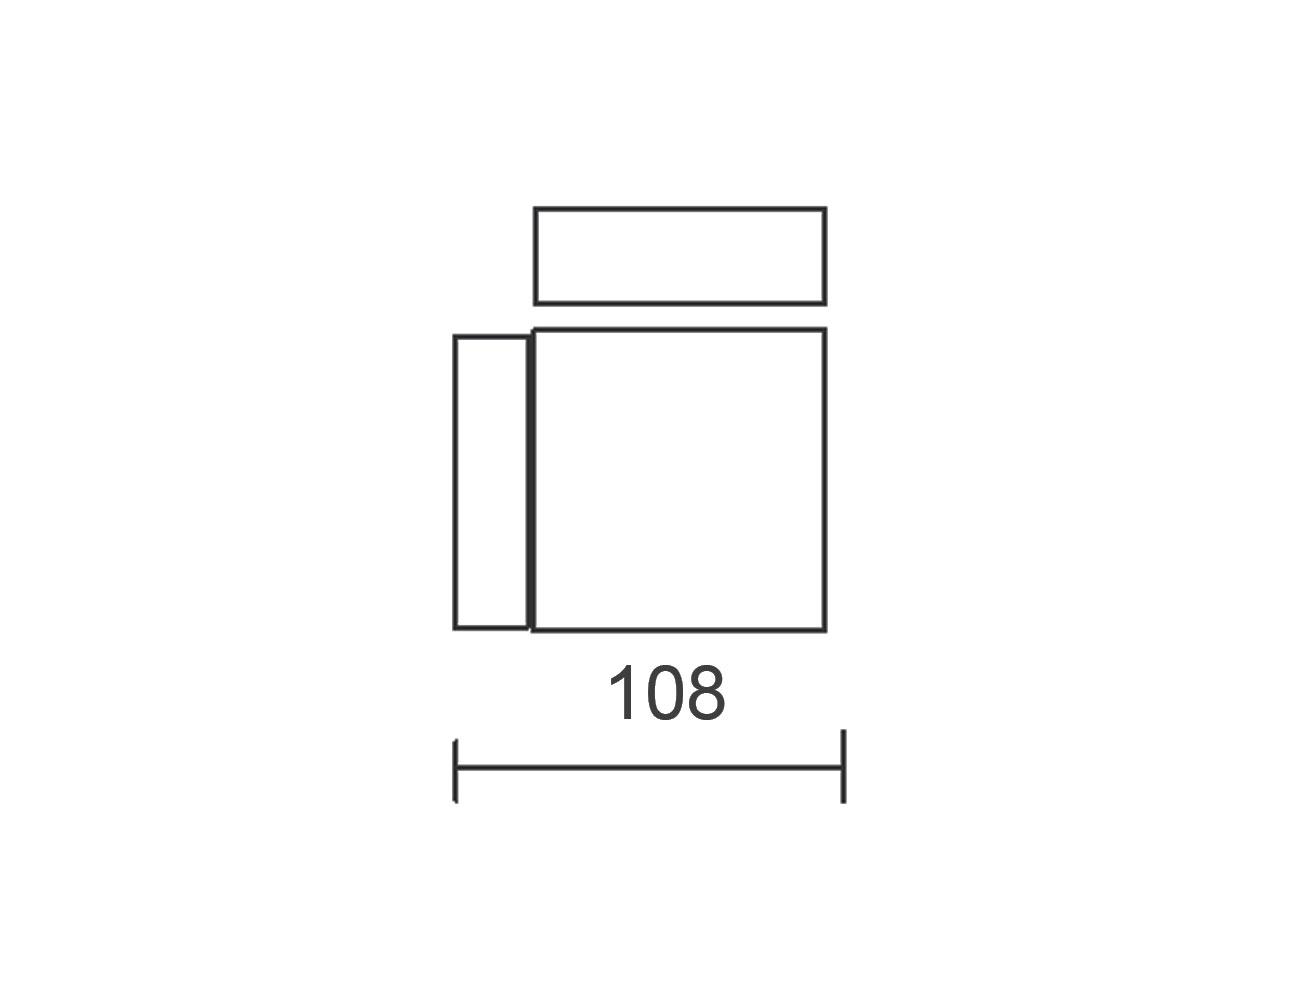 Modulo 1083